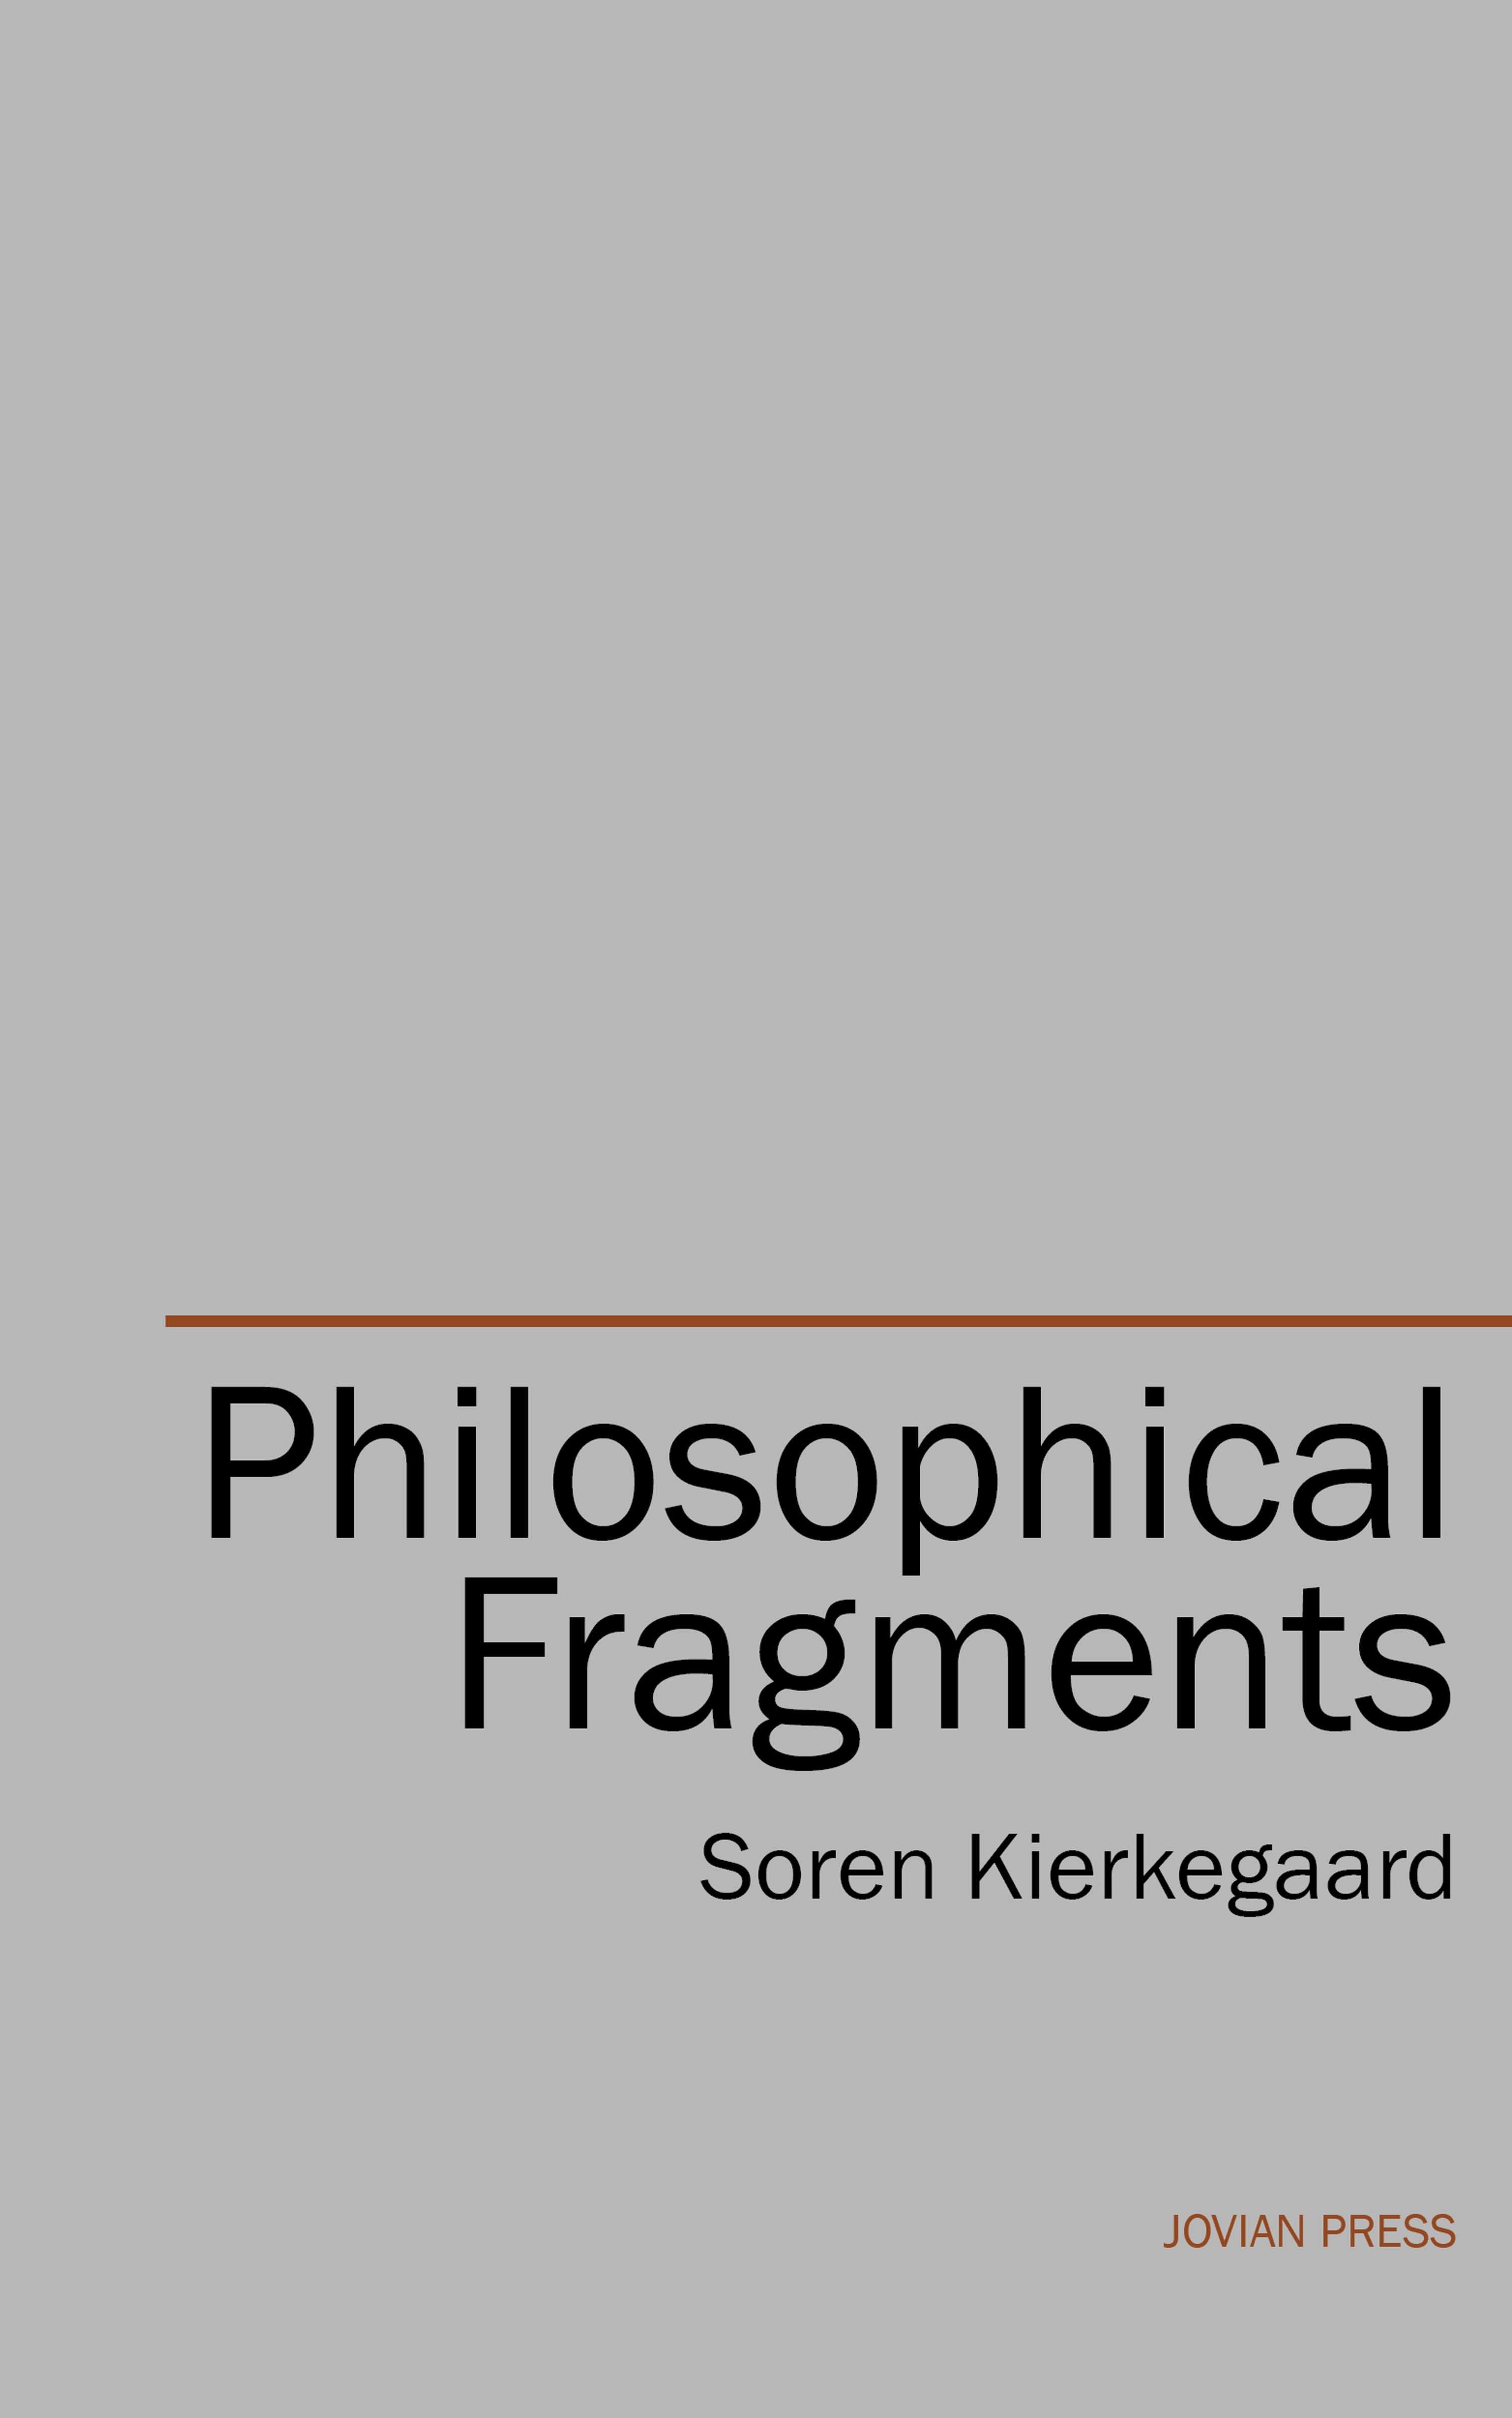 Soren Kierkegaard Philosophical Fragments